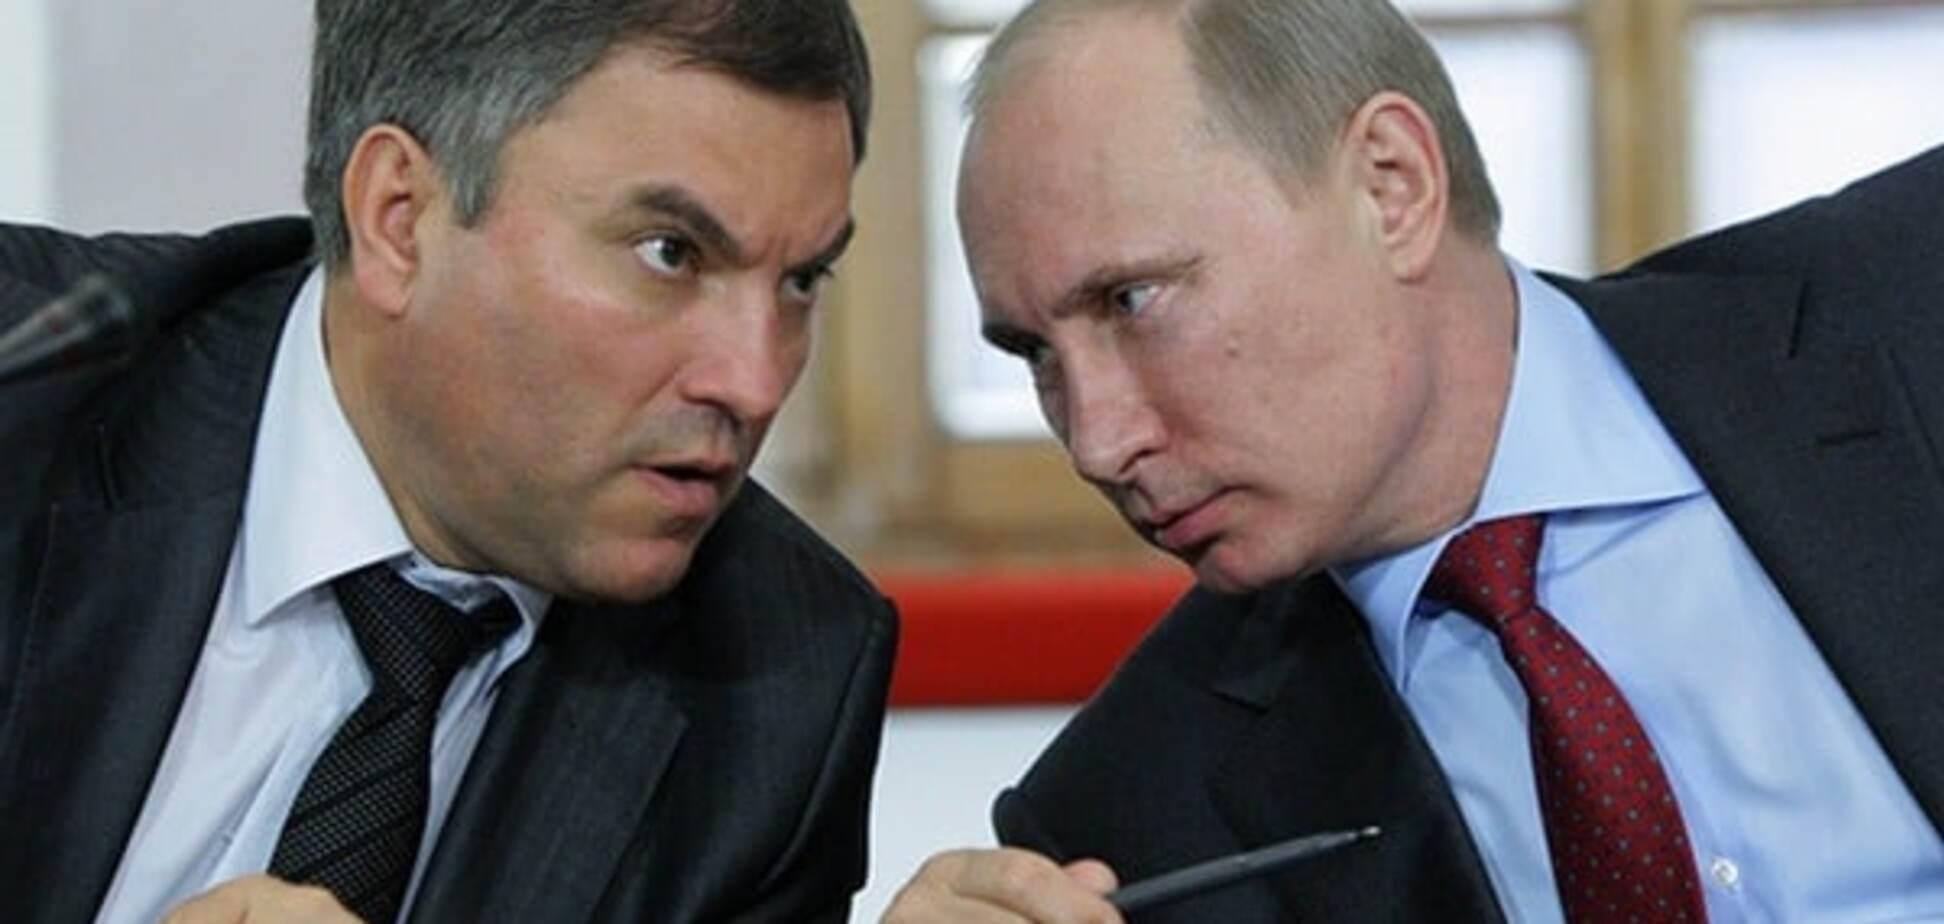 Держдуму РФ очолить кремлівський чиновник, який заявив, що 'без Путіна немає Росії'